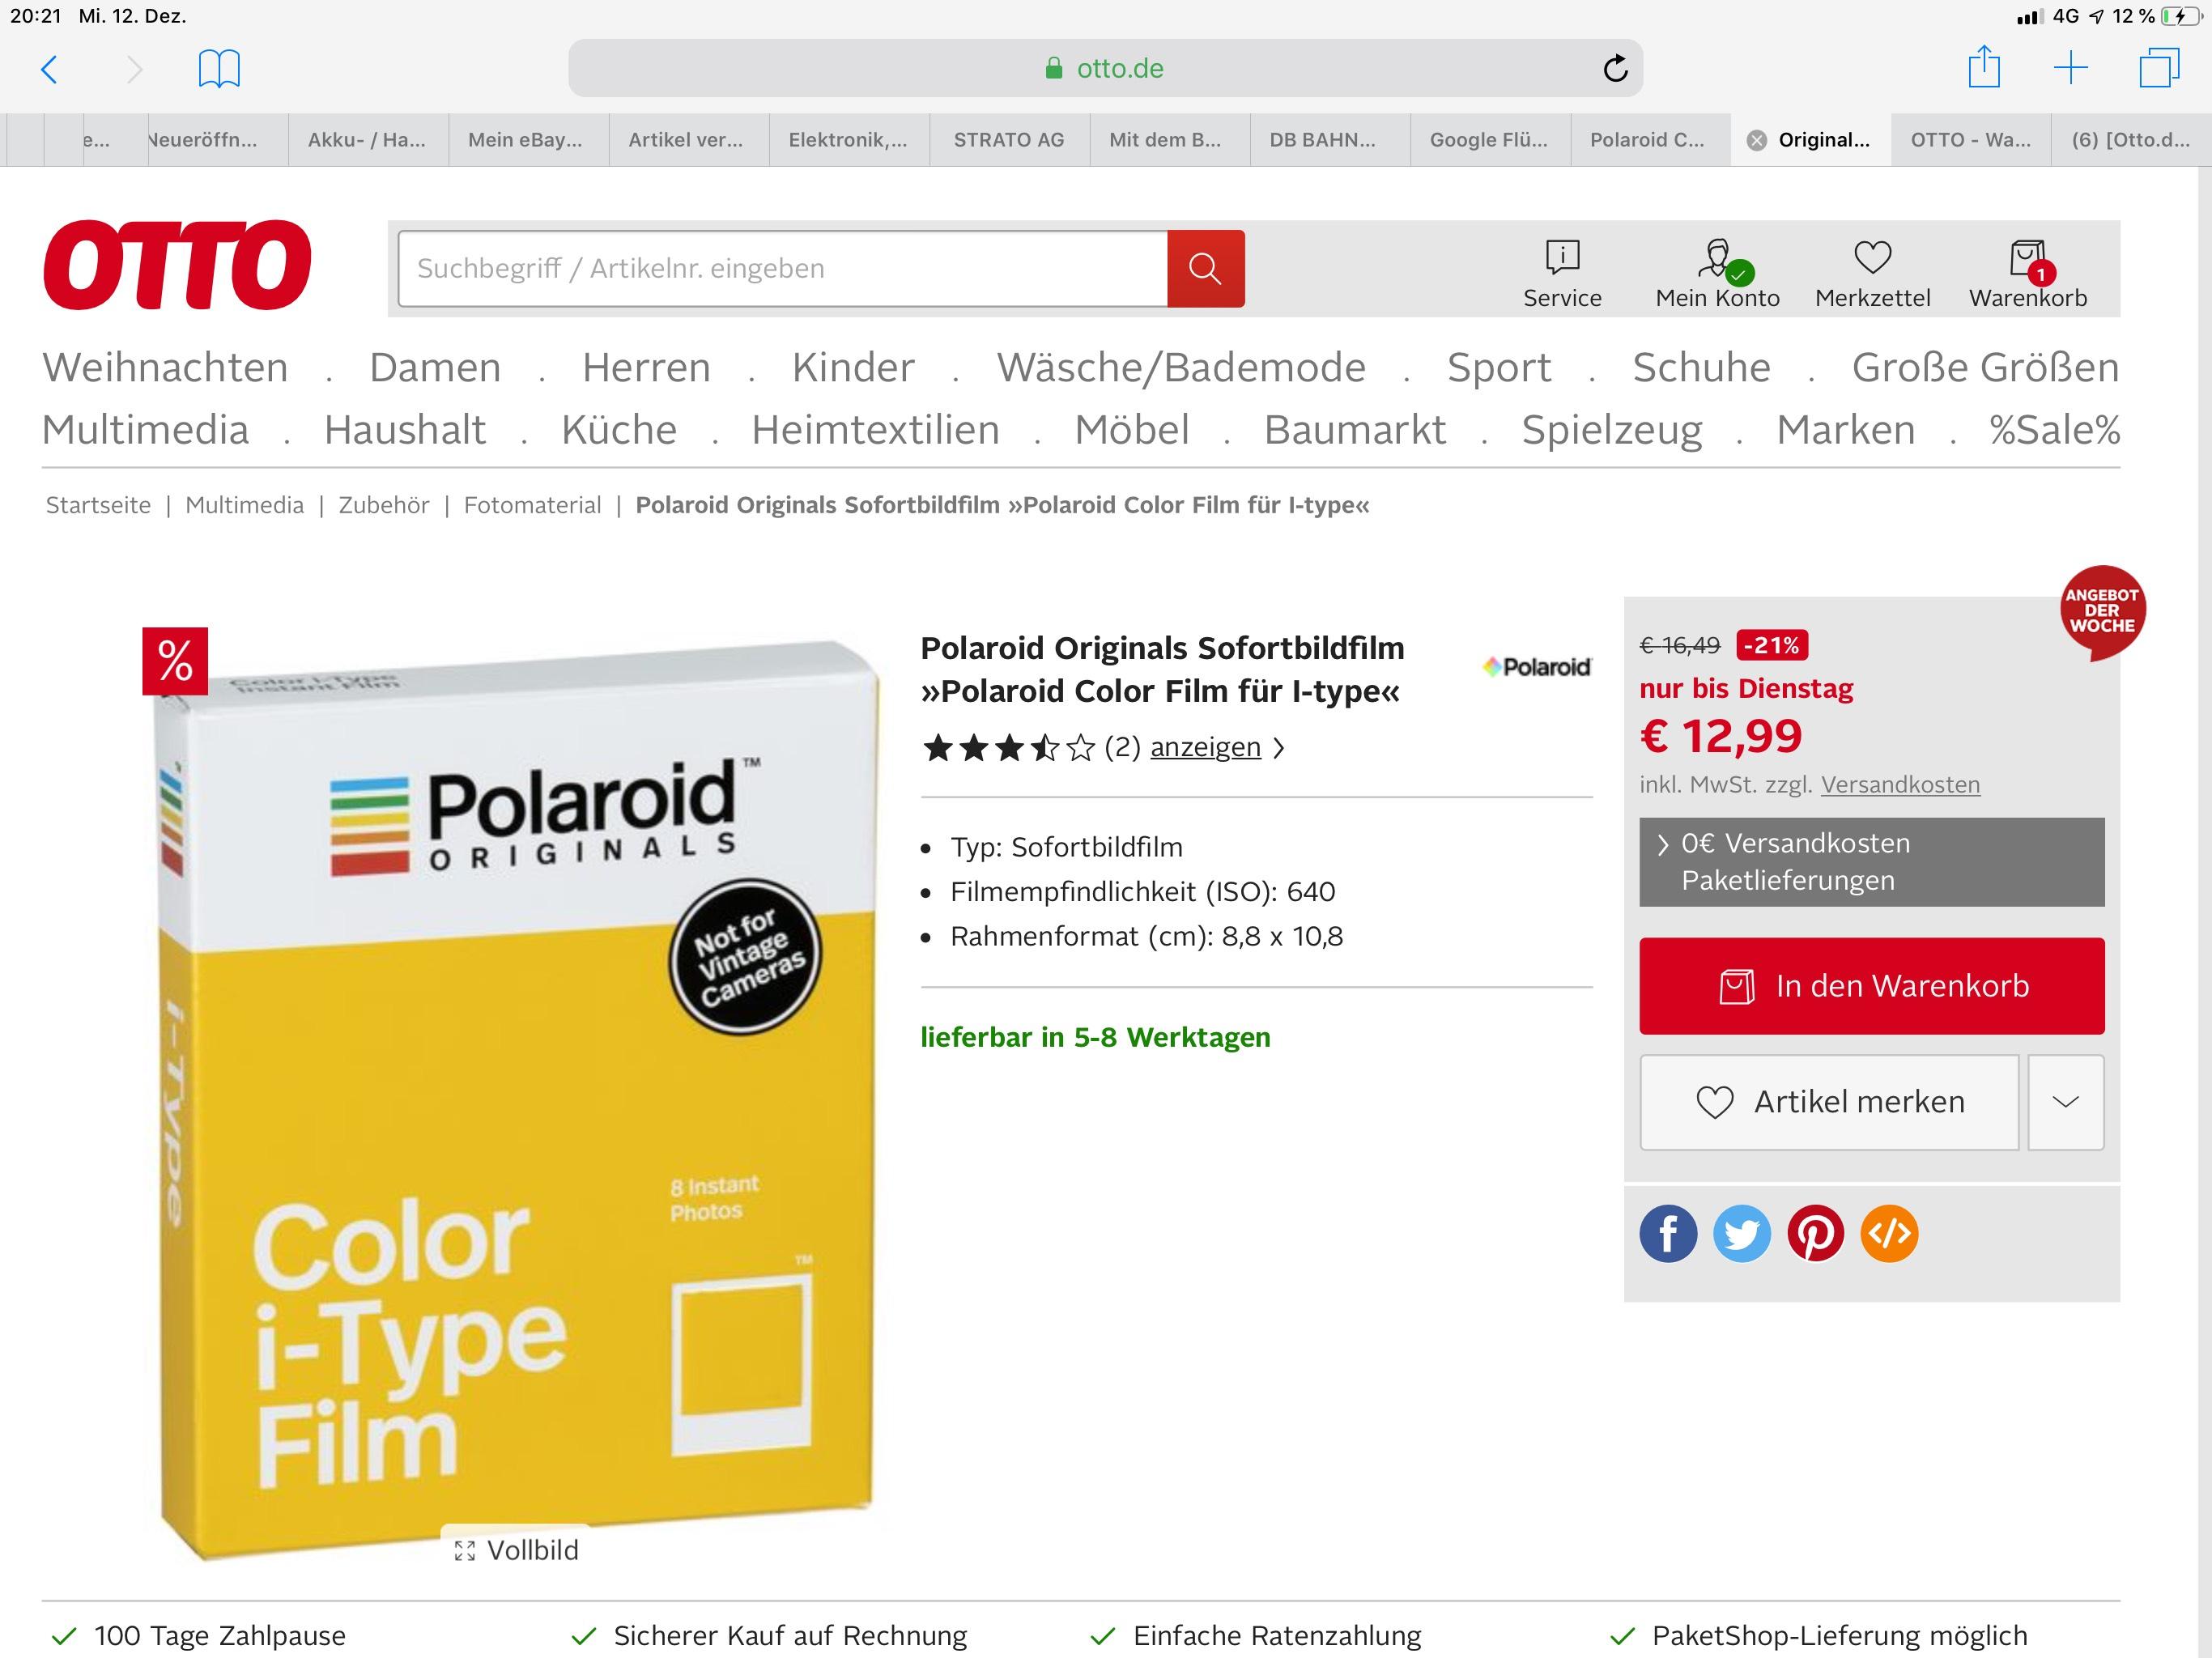 [Otto.de] Polaroid Originals One step 2 Color i-Type Film - 12,99 €